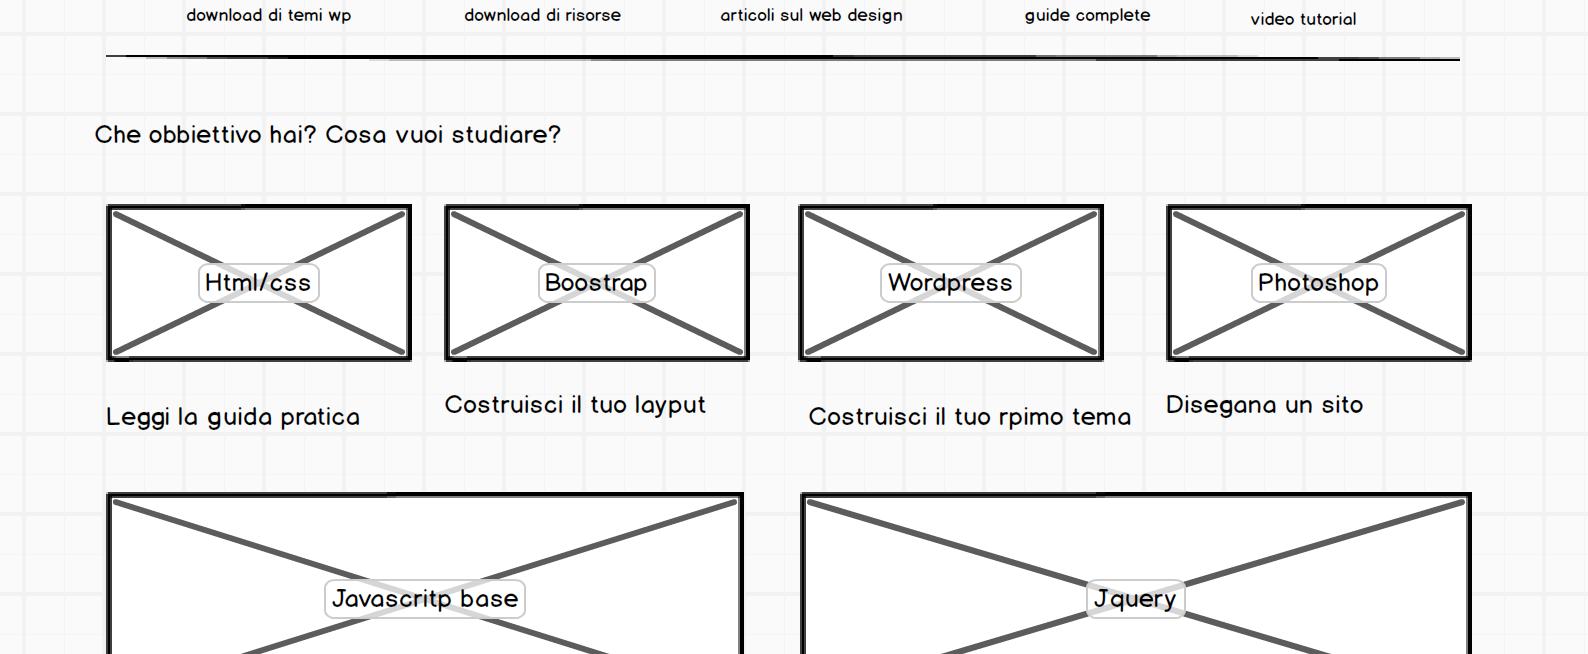 Progettare una user experience efficace marchetti design for Design sito